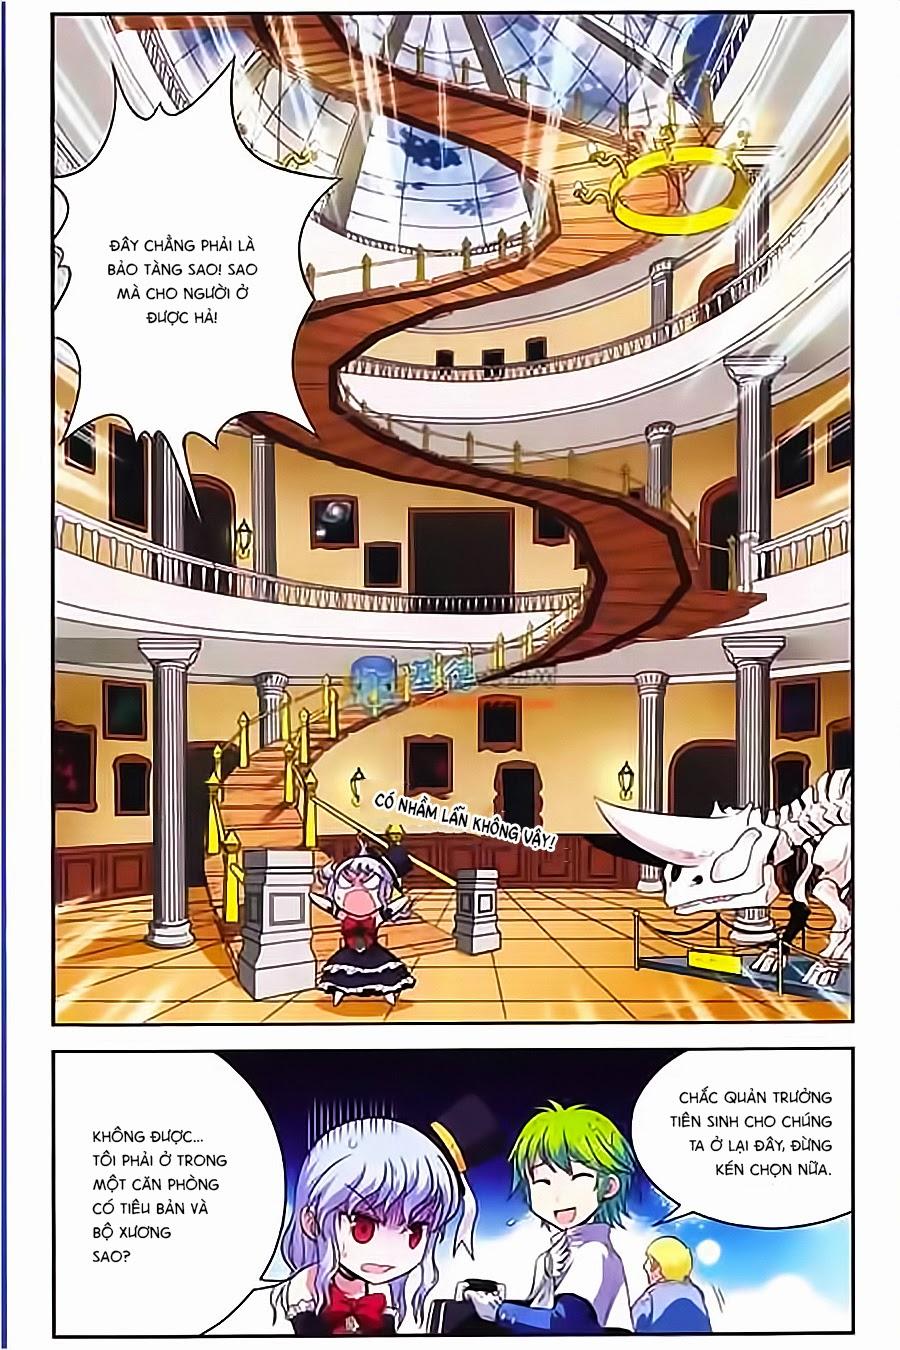 Ma Tạp Tiên Tông chap 10 - Trang 10